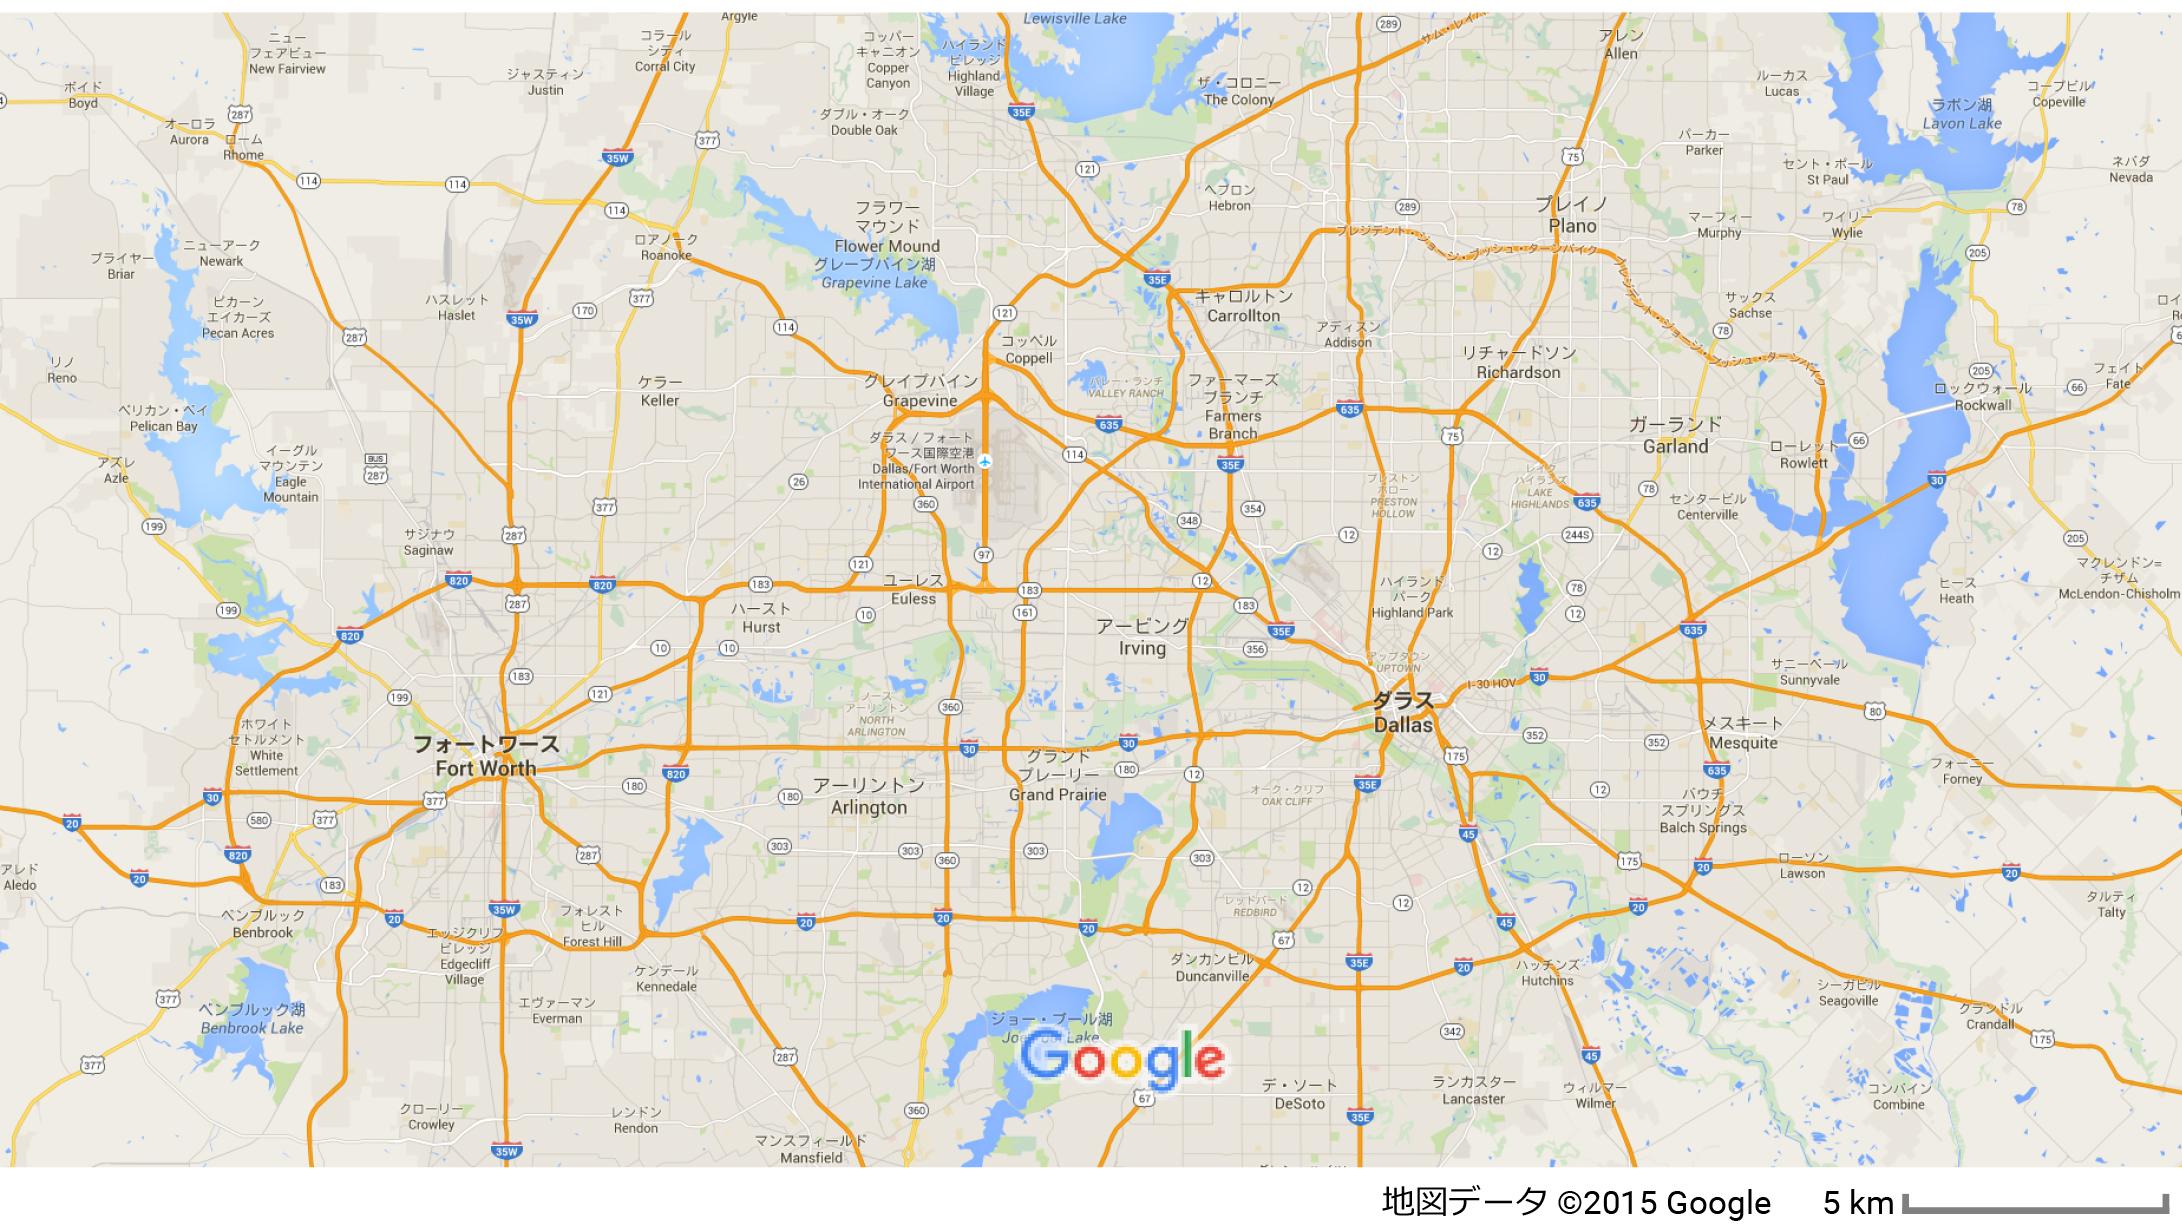 ダラス地図2